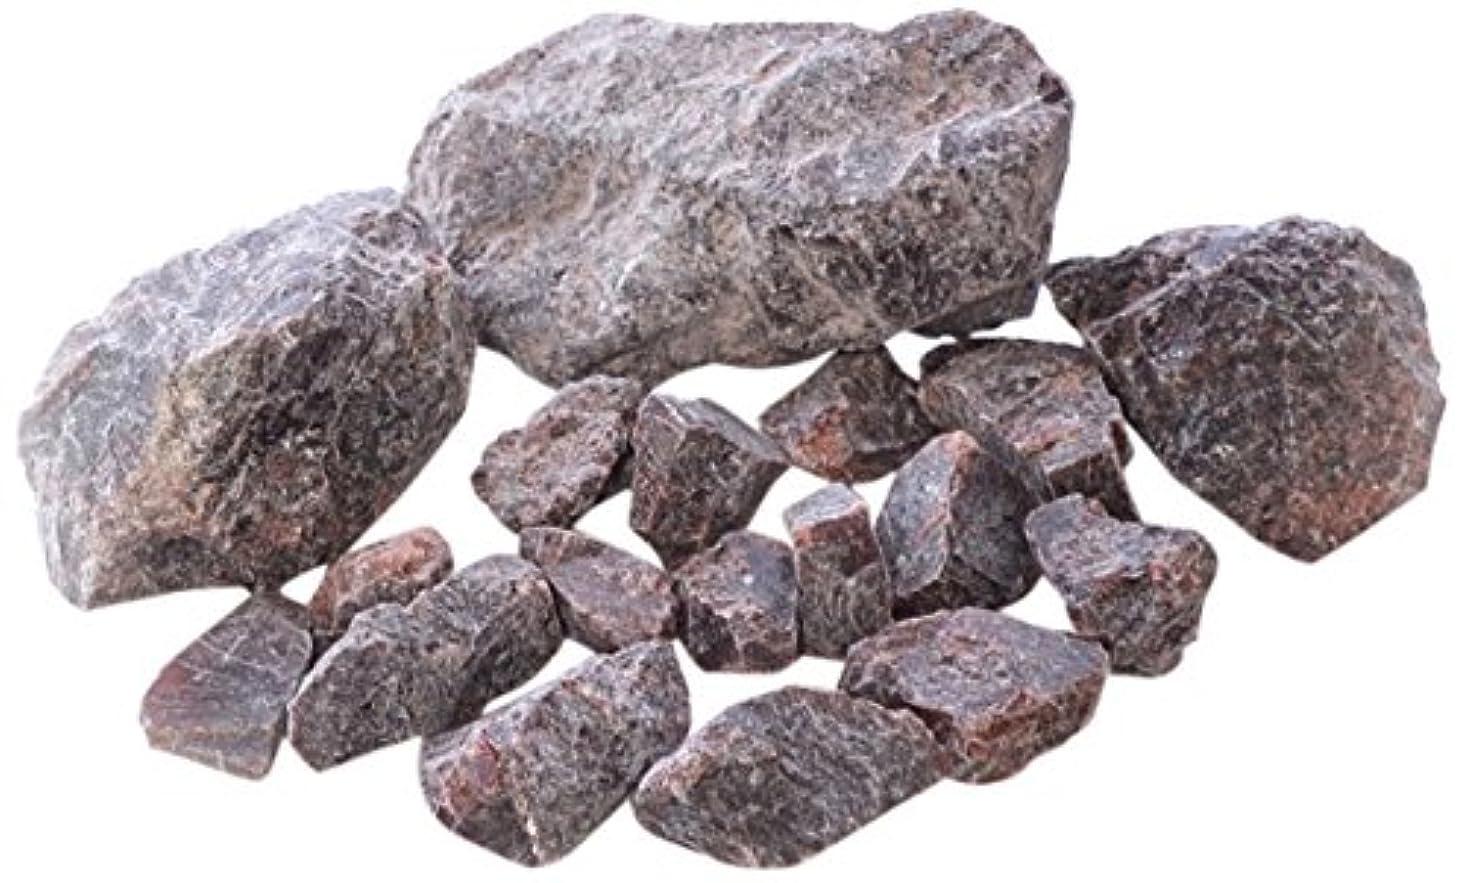 ポット忙しいぼんやりした1年分のブラックダイヤソルト岩塩 お得な12キロ お風呂用(約360回分)